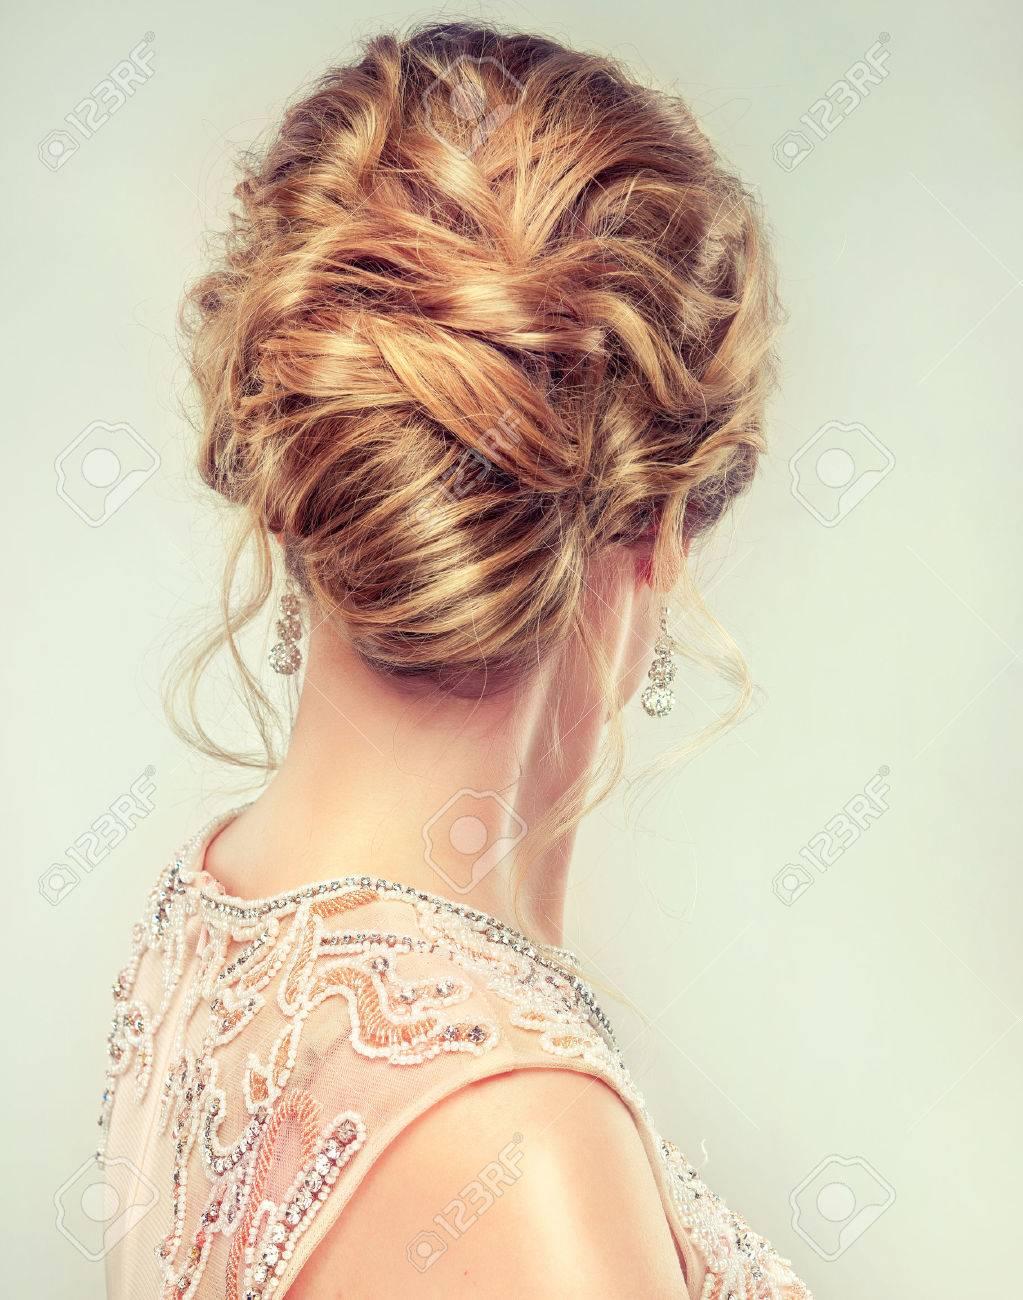 Exemple De Coiffure De Mariage Belle Fille Cheveux Brun Clair Avec Un Hairstyle View Elegant Du Cote Arriere Banque D Images Et Photos Libres De Droits Image 54743950